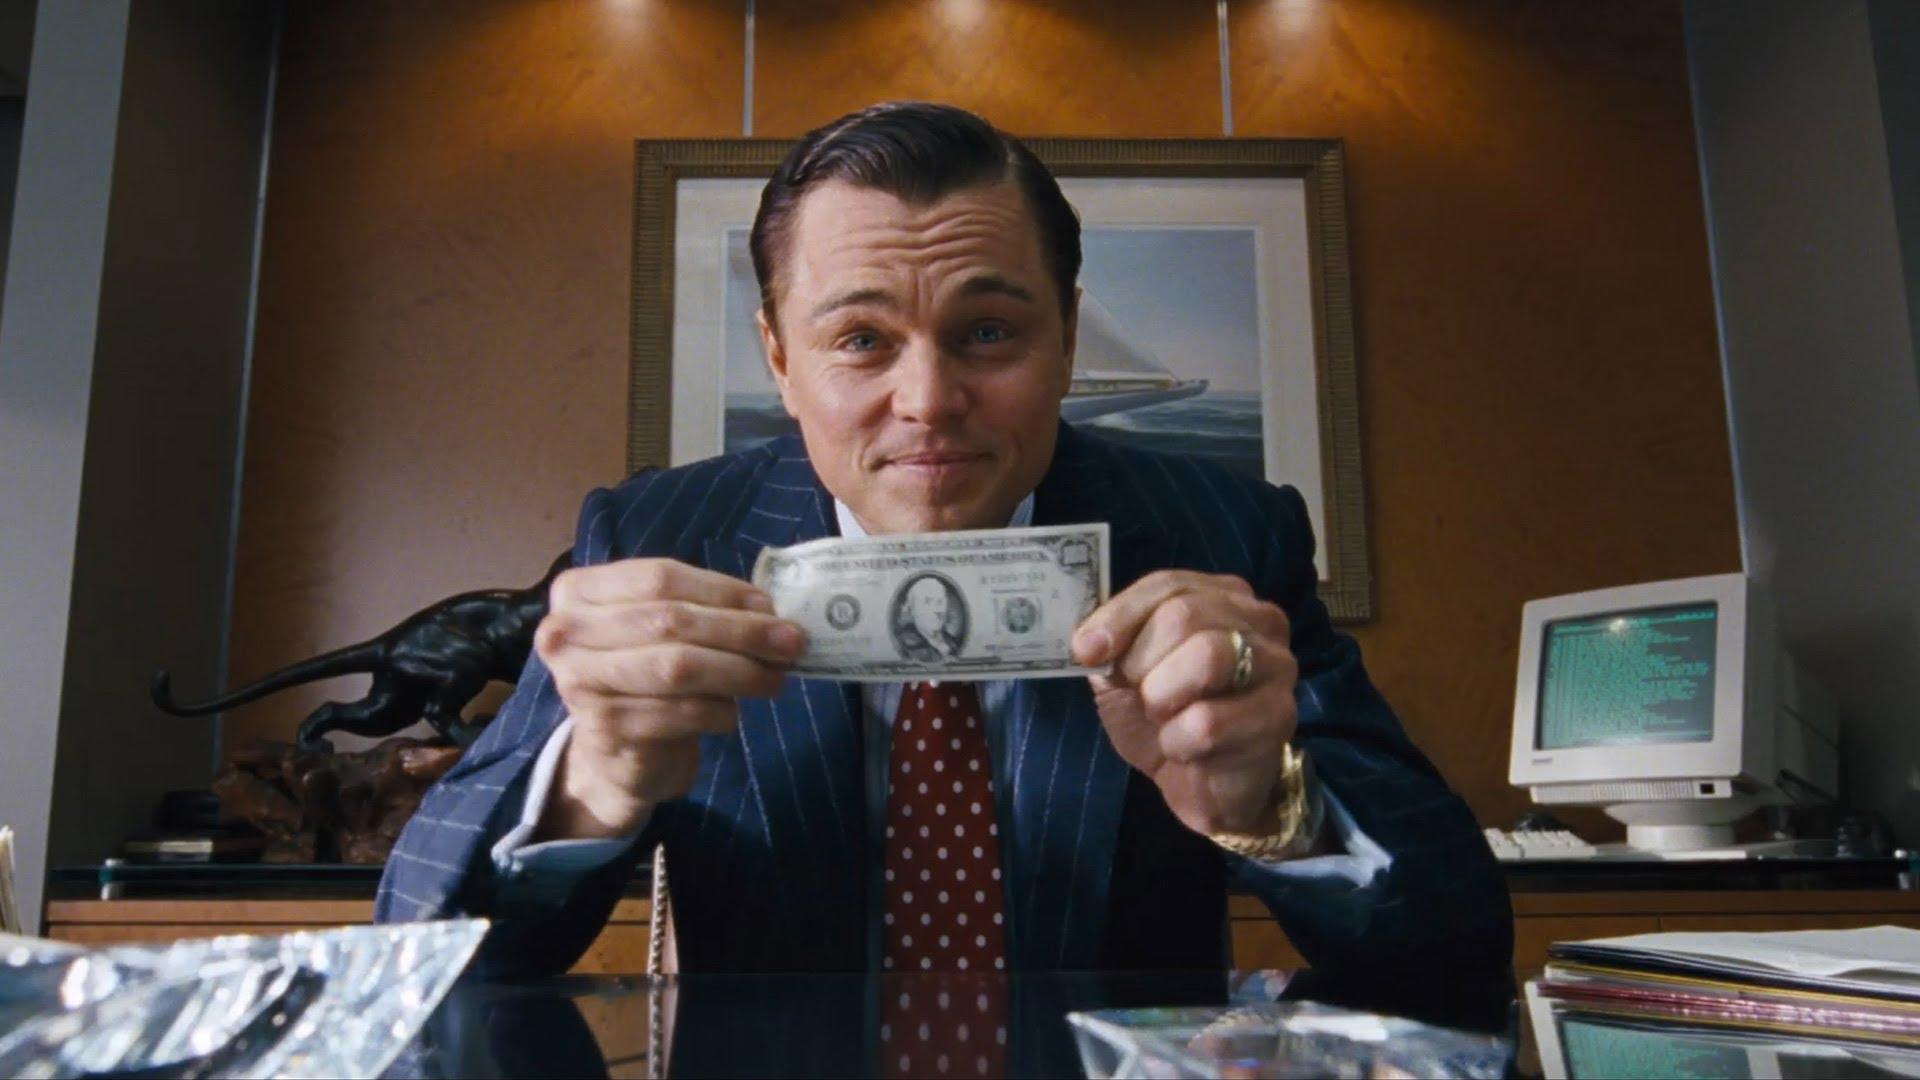 """《华尔街之狼》电影中,小李子饰演一位华尔街券商贝尔福特,经过一番摸爬滚打之后,在股灾时期摇身一变为一匹华尔街之狼,坐拥豪宅、美女、香车、游艇等好物。而这一切,源于他使用了一种Pump and Dump欺诈手段。 贝尔福特在股灾期间,集结了一群无业游民兜售股票向客户们兜售灾难股。其市值虽小,但客户买入多了,价格很快就上去了。之后他们用这个作为成功案例,忽悠更多的客户进来。骗局像气球一样越吹越大,所以被称为Pump。直到某一天时机成熟,这群华尔街的""""地痞流氓""""们就把自己持有的股票像扔垃圾一样全部抛掉,也就是Dump。 剧中这群人用这种非法且疯狂的金融诈骗手段敛财,最终等待贝尔福特的是法律的制裁。 在金融行业,反诈骗一直是经久不衰的重要课题。尤其在互联网金融、Fintech快速发展的新时代里,风控一直被金融从业者奉为葵花宝典。 但,中国的反欺诈难于上青云,究竟有多难? 据融e聚了解,在中国用手机号做欺诈,团伙的规模到金额,都触目惊心!2011年至2015年,五年经济损失共计550亿元,平均每年涉案金额增长比例约60%...... 骗贷这种欺诈事件在金融圈时有发生。近日玖富集团旗下另一家平台玖富超能被曝遭遇联合骗贷。经警方查证,玖富超能内部工作人员以发放好处费为诱饵,拉人申请贷款,贷款到手后直接瓜分。 事实上,遭遇骗贷事件的并非玖富一家。互联网金融行业已经衍生出了""""骗贷党"""",骗贷已形成一条产业链。 据悉,骗贷党在网络上拿到完整的资料后,通过淘宝上制作假证,伪造信用卡账单……骗贷者在骗贷完成之后会把手机丢掉或永久关机,网贷平台上的这个借贷者就这样""""凭空消失"""",导致这笔借款成为一笔永久的坏账。 金融欺诈为何频频发生?一是海量数据泄漏;二是诈骗手段翻新速极快;三是新型欺诈行为更多是通过""""人机对话"""",有很强的隐蔽性;四是金融欺诈逐步形成了包括上、中、下游完整结构的黑色产业链,风控难度增大。 在融e聚看来,金融业反欺诈孤军作战必不长久。 金融的核心在于风控,而风控离不开大数据的支持。风控的有效性,80%来自于数据量的提升。但反观中国整个数据积累的情况和成熟度,这个市场情况并不乐观。目前数据共享问题并无有效的解决方案。所以基于在征信、大数据风控领域的经验,""""数到用时方恨少""""现象很普遍。 金融贷款行业反欺诈体系的建立,需高度重视信用体系的搭建,从源头上使欺诈的门槛高于欺诈的收益,这样才能有效杜绝欺诈行为。 但中国的征信机构往往各自为政,渴望形成自身的业务闭环,最终形成一座座信息孤岛。每个信息孤岛覆盖面有限,导致信息不全不广,还未采取信息共享。而征信机构凭借不全面的信息进行不同形式的信用评分并对外进行使用,很难规避信息误用及滥用问题,更甭提有效的金融反欺诈了。 做金融的最大风险之一,在于金融业务本身是带风险的,""""你想挣人利息,别人想赚你本金。""""道高一尺魔高一丈,消费金融领域的骗贷攻防战争还将继续上演。融e聚作为一站式综合金融服务平台,一直将风控放在首要位置。 贷前审核阶段,融e聚专业的贷款顾问会对用户资质进行初步审查,进行第一步筛选。贷款顾问会邀客户来公司,为其提供一对一式贷款服务,全方面了解用户需求以及用户资质。贷中阶段,融e聚数百名员工组建的风控团队会对我们的客户资质进行深层次的资质审核。风控团队员工根据用户提交的包括结婚证明、身份证、居住证明、工作证明等资料进行核查,保证贷款手续的合法、合规。融e聚对用户资质的全方位、多层面的审查,从源头上杜绝金融欺诈事件的发生。除此以外,融e聚还联手已建立长期稳定合作关系的50多家大型银行、200多家金融机构,采用银行级别的风控模式,多维度测量借款方的还款能力,为融e聚的金融服务保驾护航! 融e聚作为金融科技的一员,将利用先进的互联网技术深层次探索金融反欺诈新模式,为更多的人提供安全高效的金融服务。融e聚希望,未来在金融市场里,天下无贼!"""